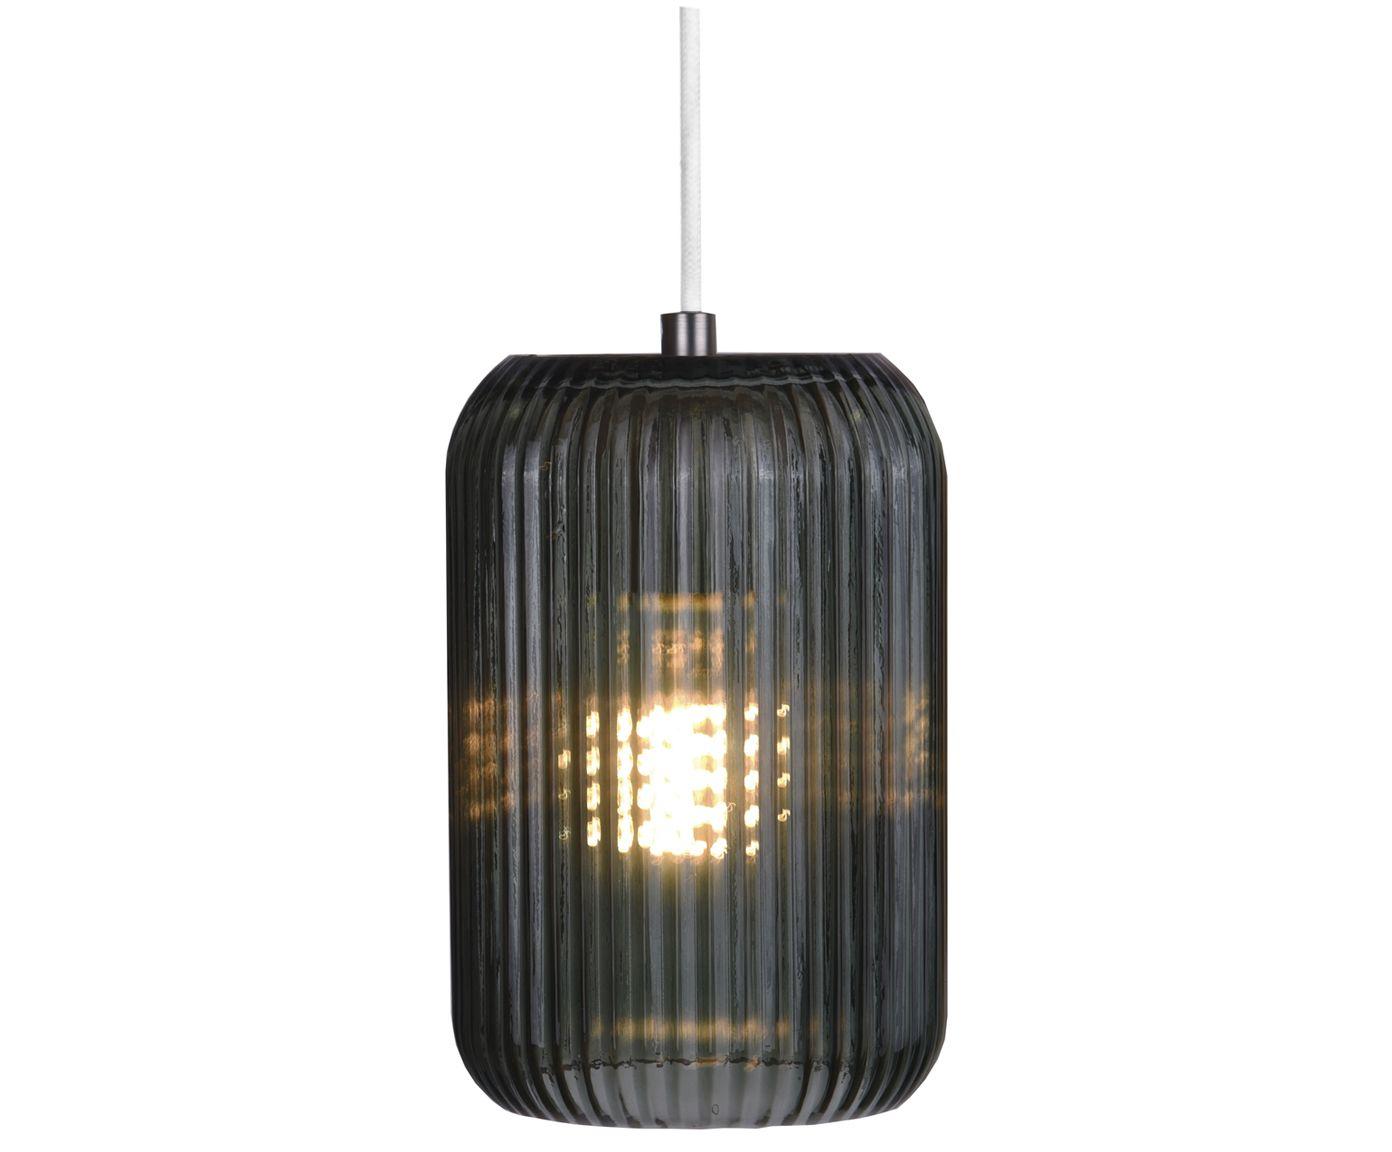 glas flaming für lampen